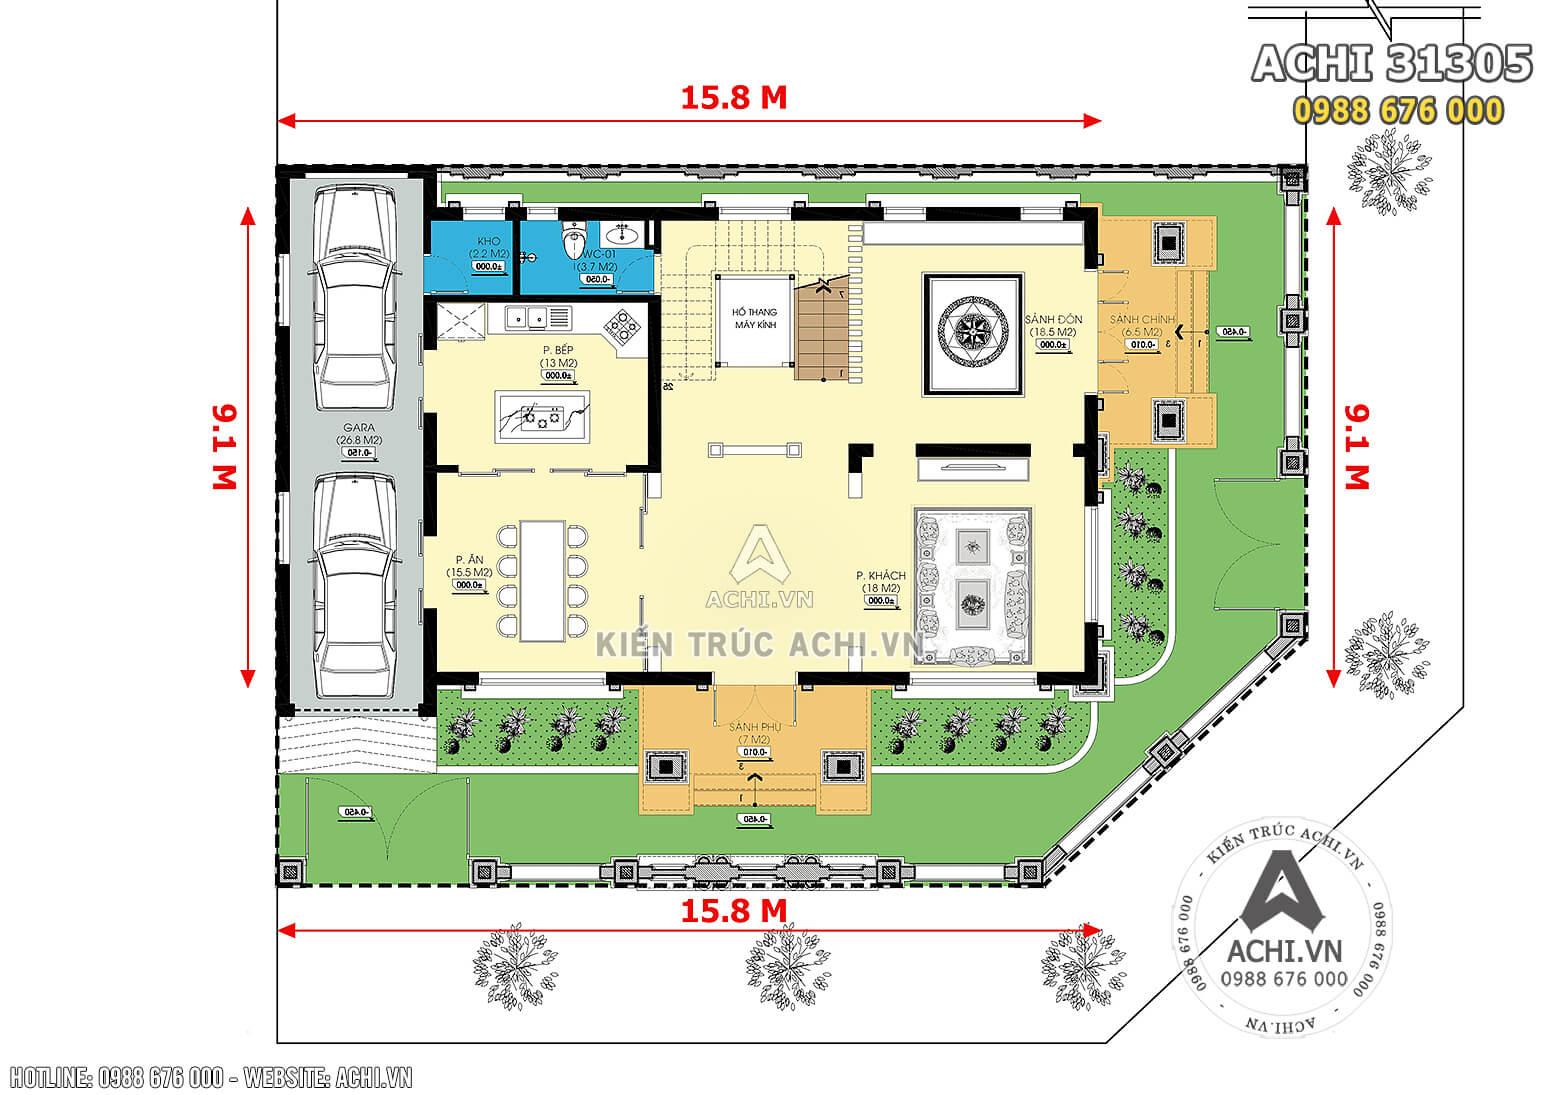 Hình ảnh: Mặt bằng công năng tầng 1 của mẫu biệt thự 3 tầng tân cổ điển đẹp